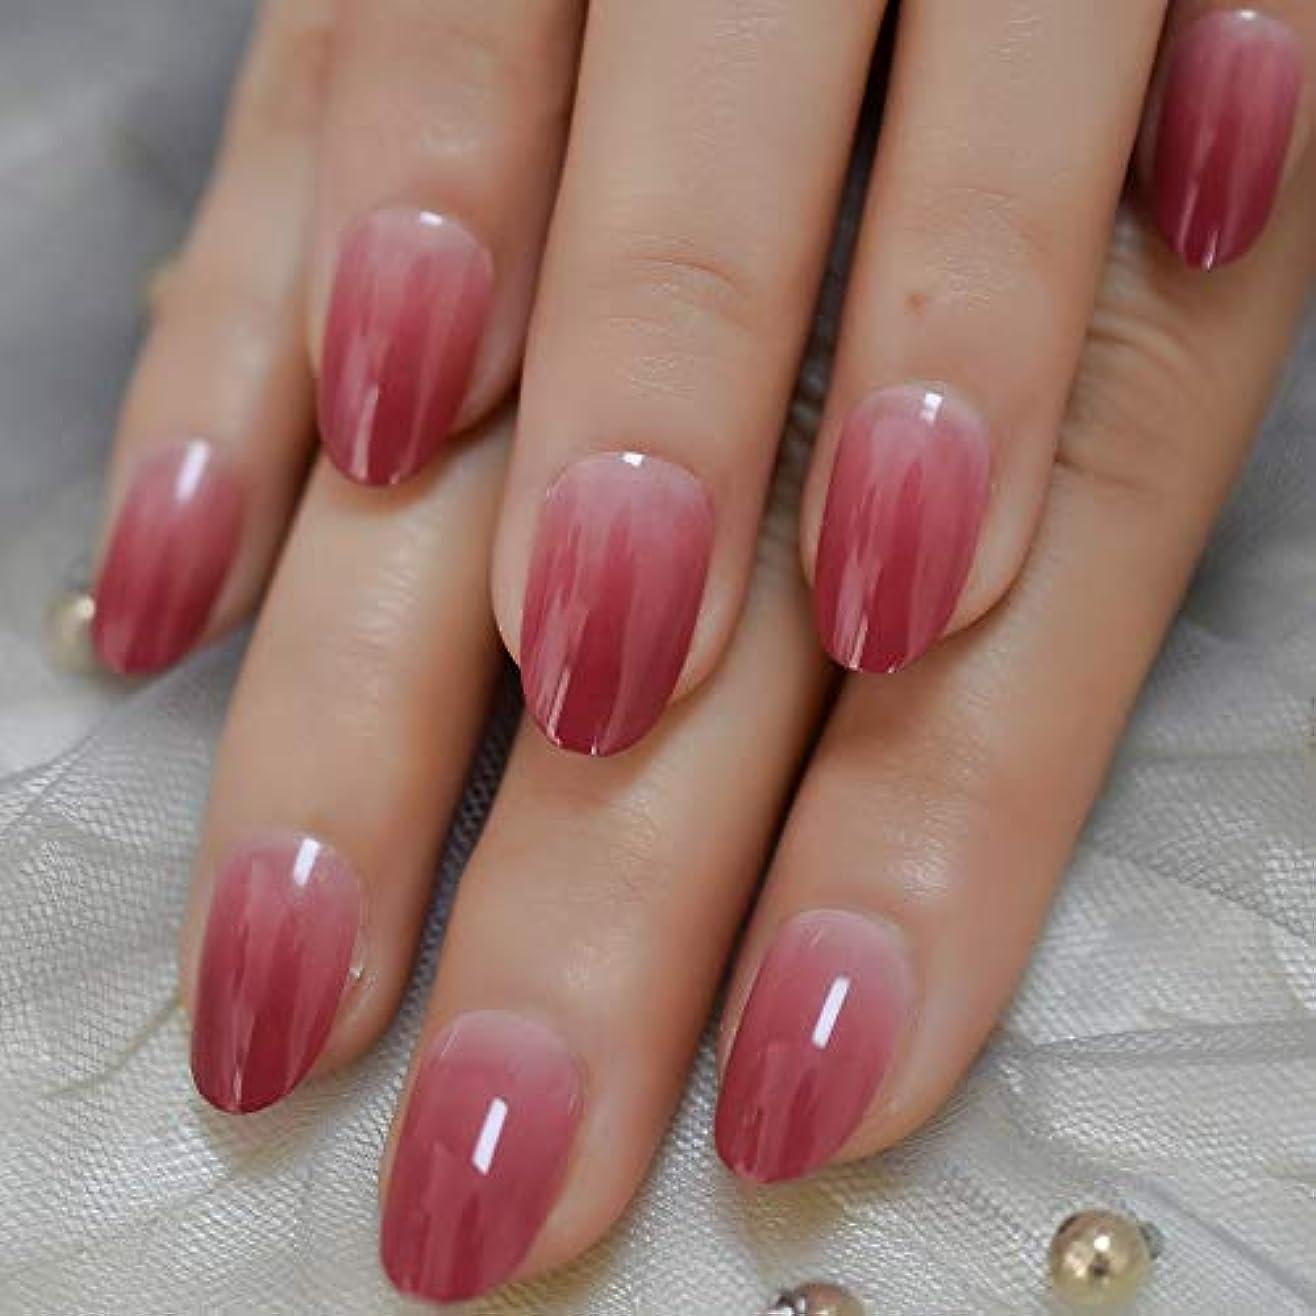 韓国語残基コストXUTXZKA 人工爪なめらかな爪オーバルミディアムカラーチップ24pcs